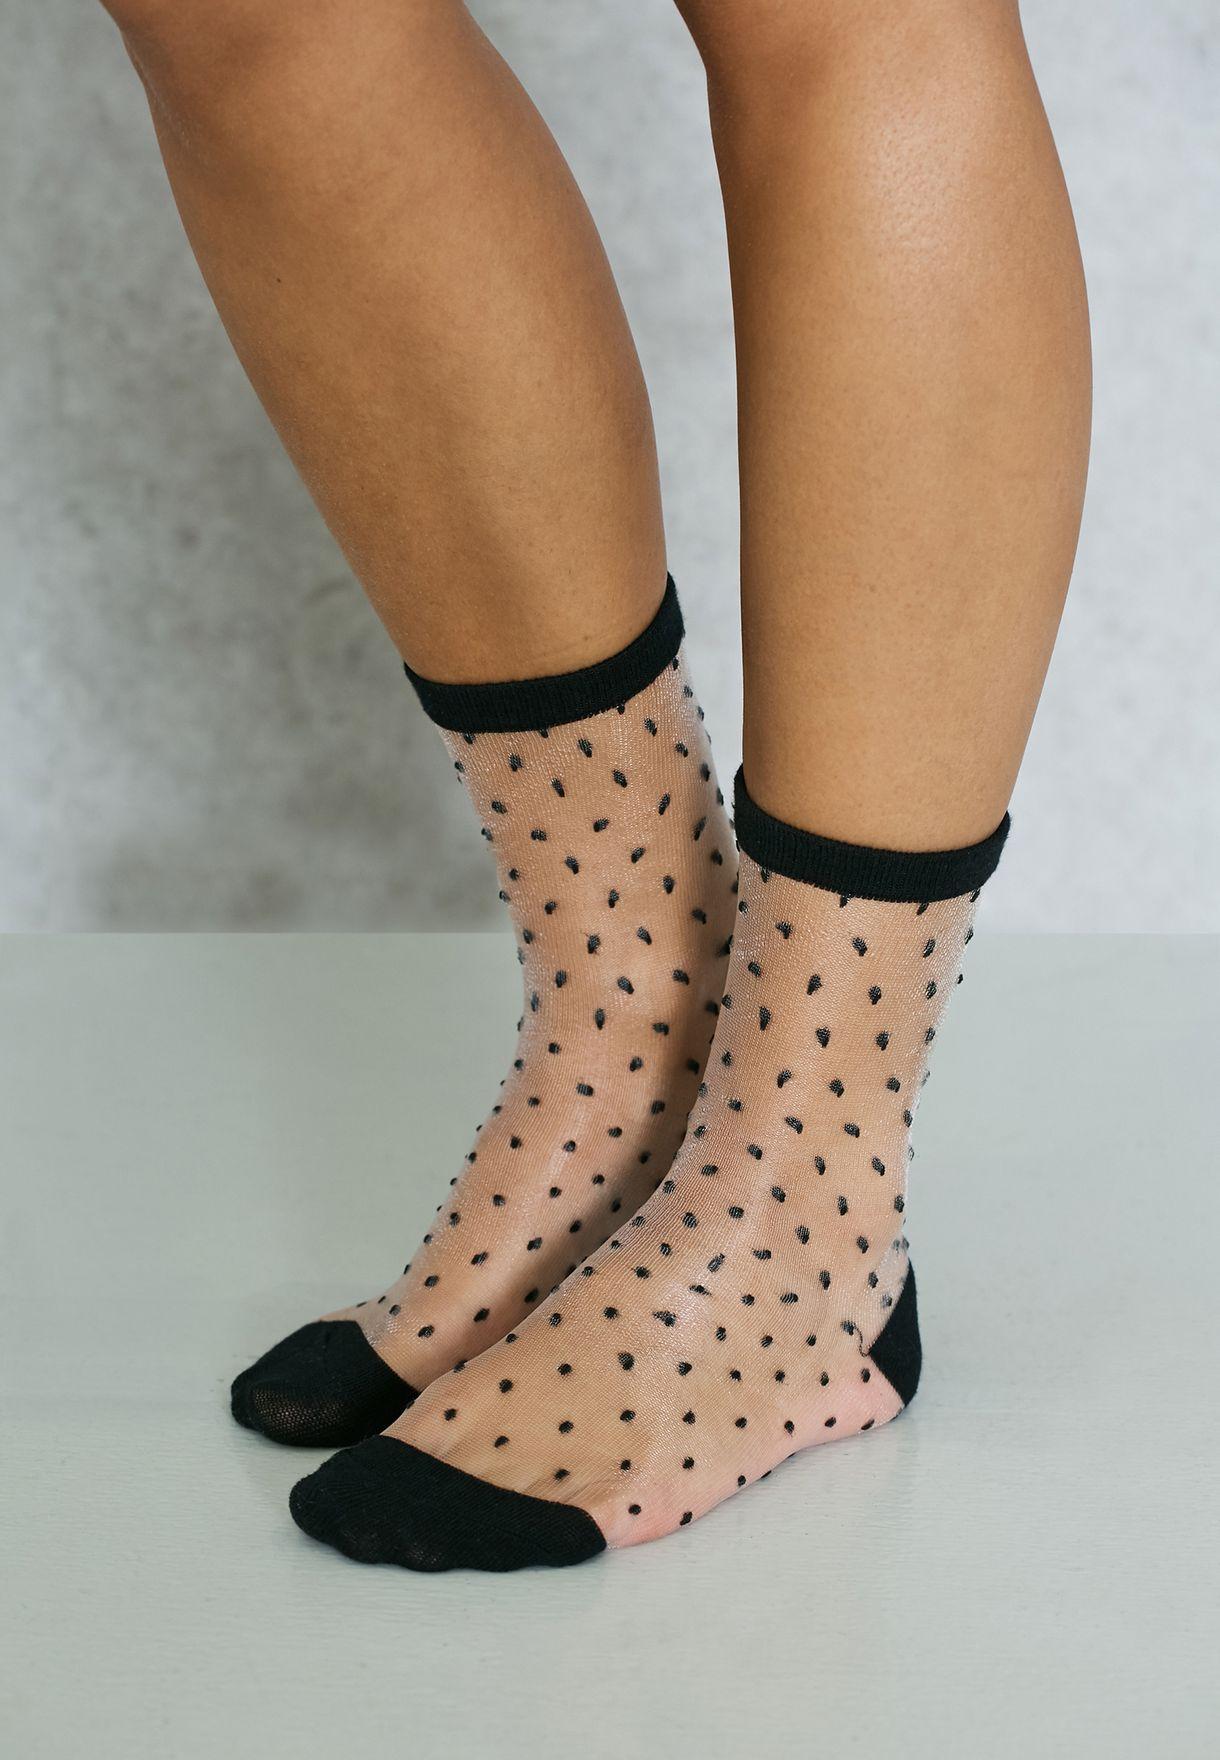 Patterned Mesh Socks